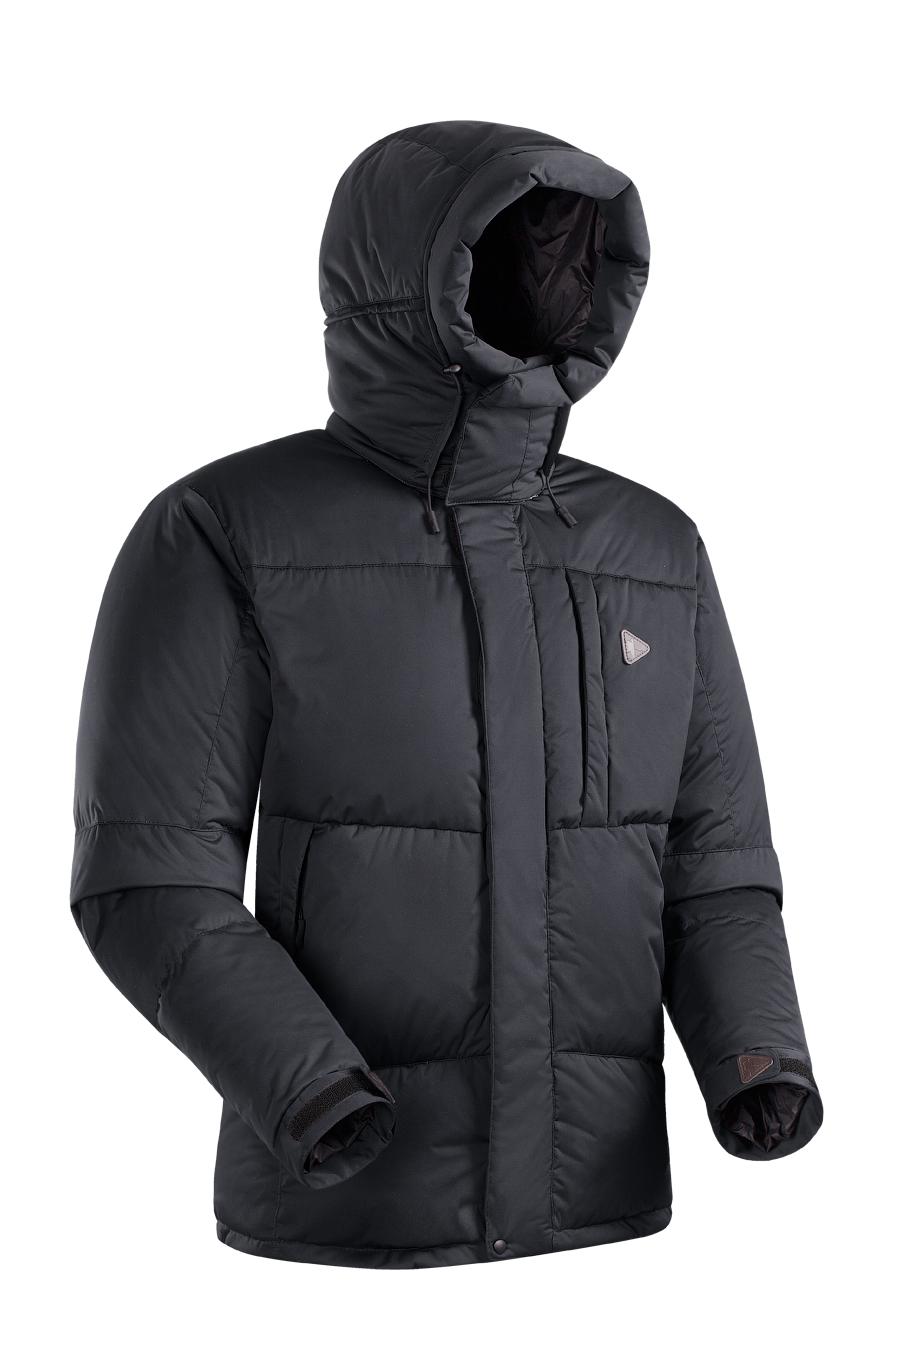 Пуховая куртка BASK AVALANCHE  LUXE 5452Куртки<br><br><br>Верхняя ткань: Advance® Lux<br>Вес граммы: 1650<br>Ветро-влагозащитные свойства верхней ткани: Да<br>Ветрозащитная планка: Да<br>Ветрозащитная юбка: Нет<br>Влагозащитные молнии: Нет<br>Внутренняя ткань: Advance® Classic<br>Водонепроницаемость: 10000<br>Дублирующий центральную молнию клапан: Да<br>Защитный козырёк капюшона: Нет<br>Капюшон: Съемный<br>Количество внешних карманов: 3<br>Количество внутренних карманов: 2<br>Коллекция: BASK CITY<br>Мембрана: Да<br>Объемный крой локтевой зоны: Нет<br>Отстёгивающиеся рукава: Нет<br>Паропроницаемость: 20000<br>Показатель Fill Power (для пуховых изделий): 600<br>Пол: Мужской<br>Проклейка швов: Нет<br>Регулировка манжетов рукавов: Да<br>Регулировка низа: Да<br>Регулировка объёма капюшона: Да<br>Регулировка талии: Нет<br>Регулируемые вентиляционные отверстия: Нет<br>Световозвращающая лента: Нет<br>Температурный режим: -15<br>Технология швов: Простые<br>Тип молнии: Двухзамковая<br>Тип утеплителя: Натуральный<br>Ткань усиления: Нет<br>Усиление контактных зон: Нет<br>Утеплитель: Гусиный пух<br>Размер RU: 46<br>Цвет: ЧЕРНЫЙ